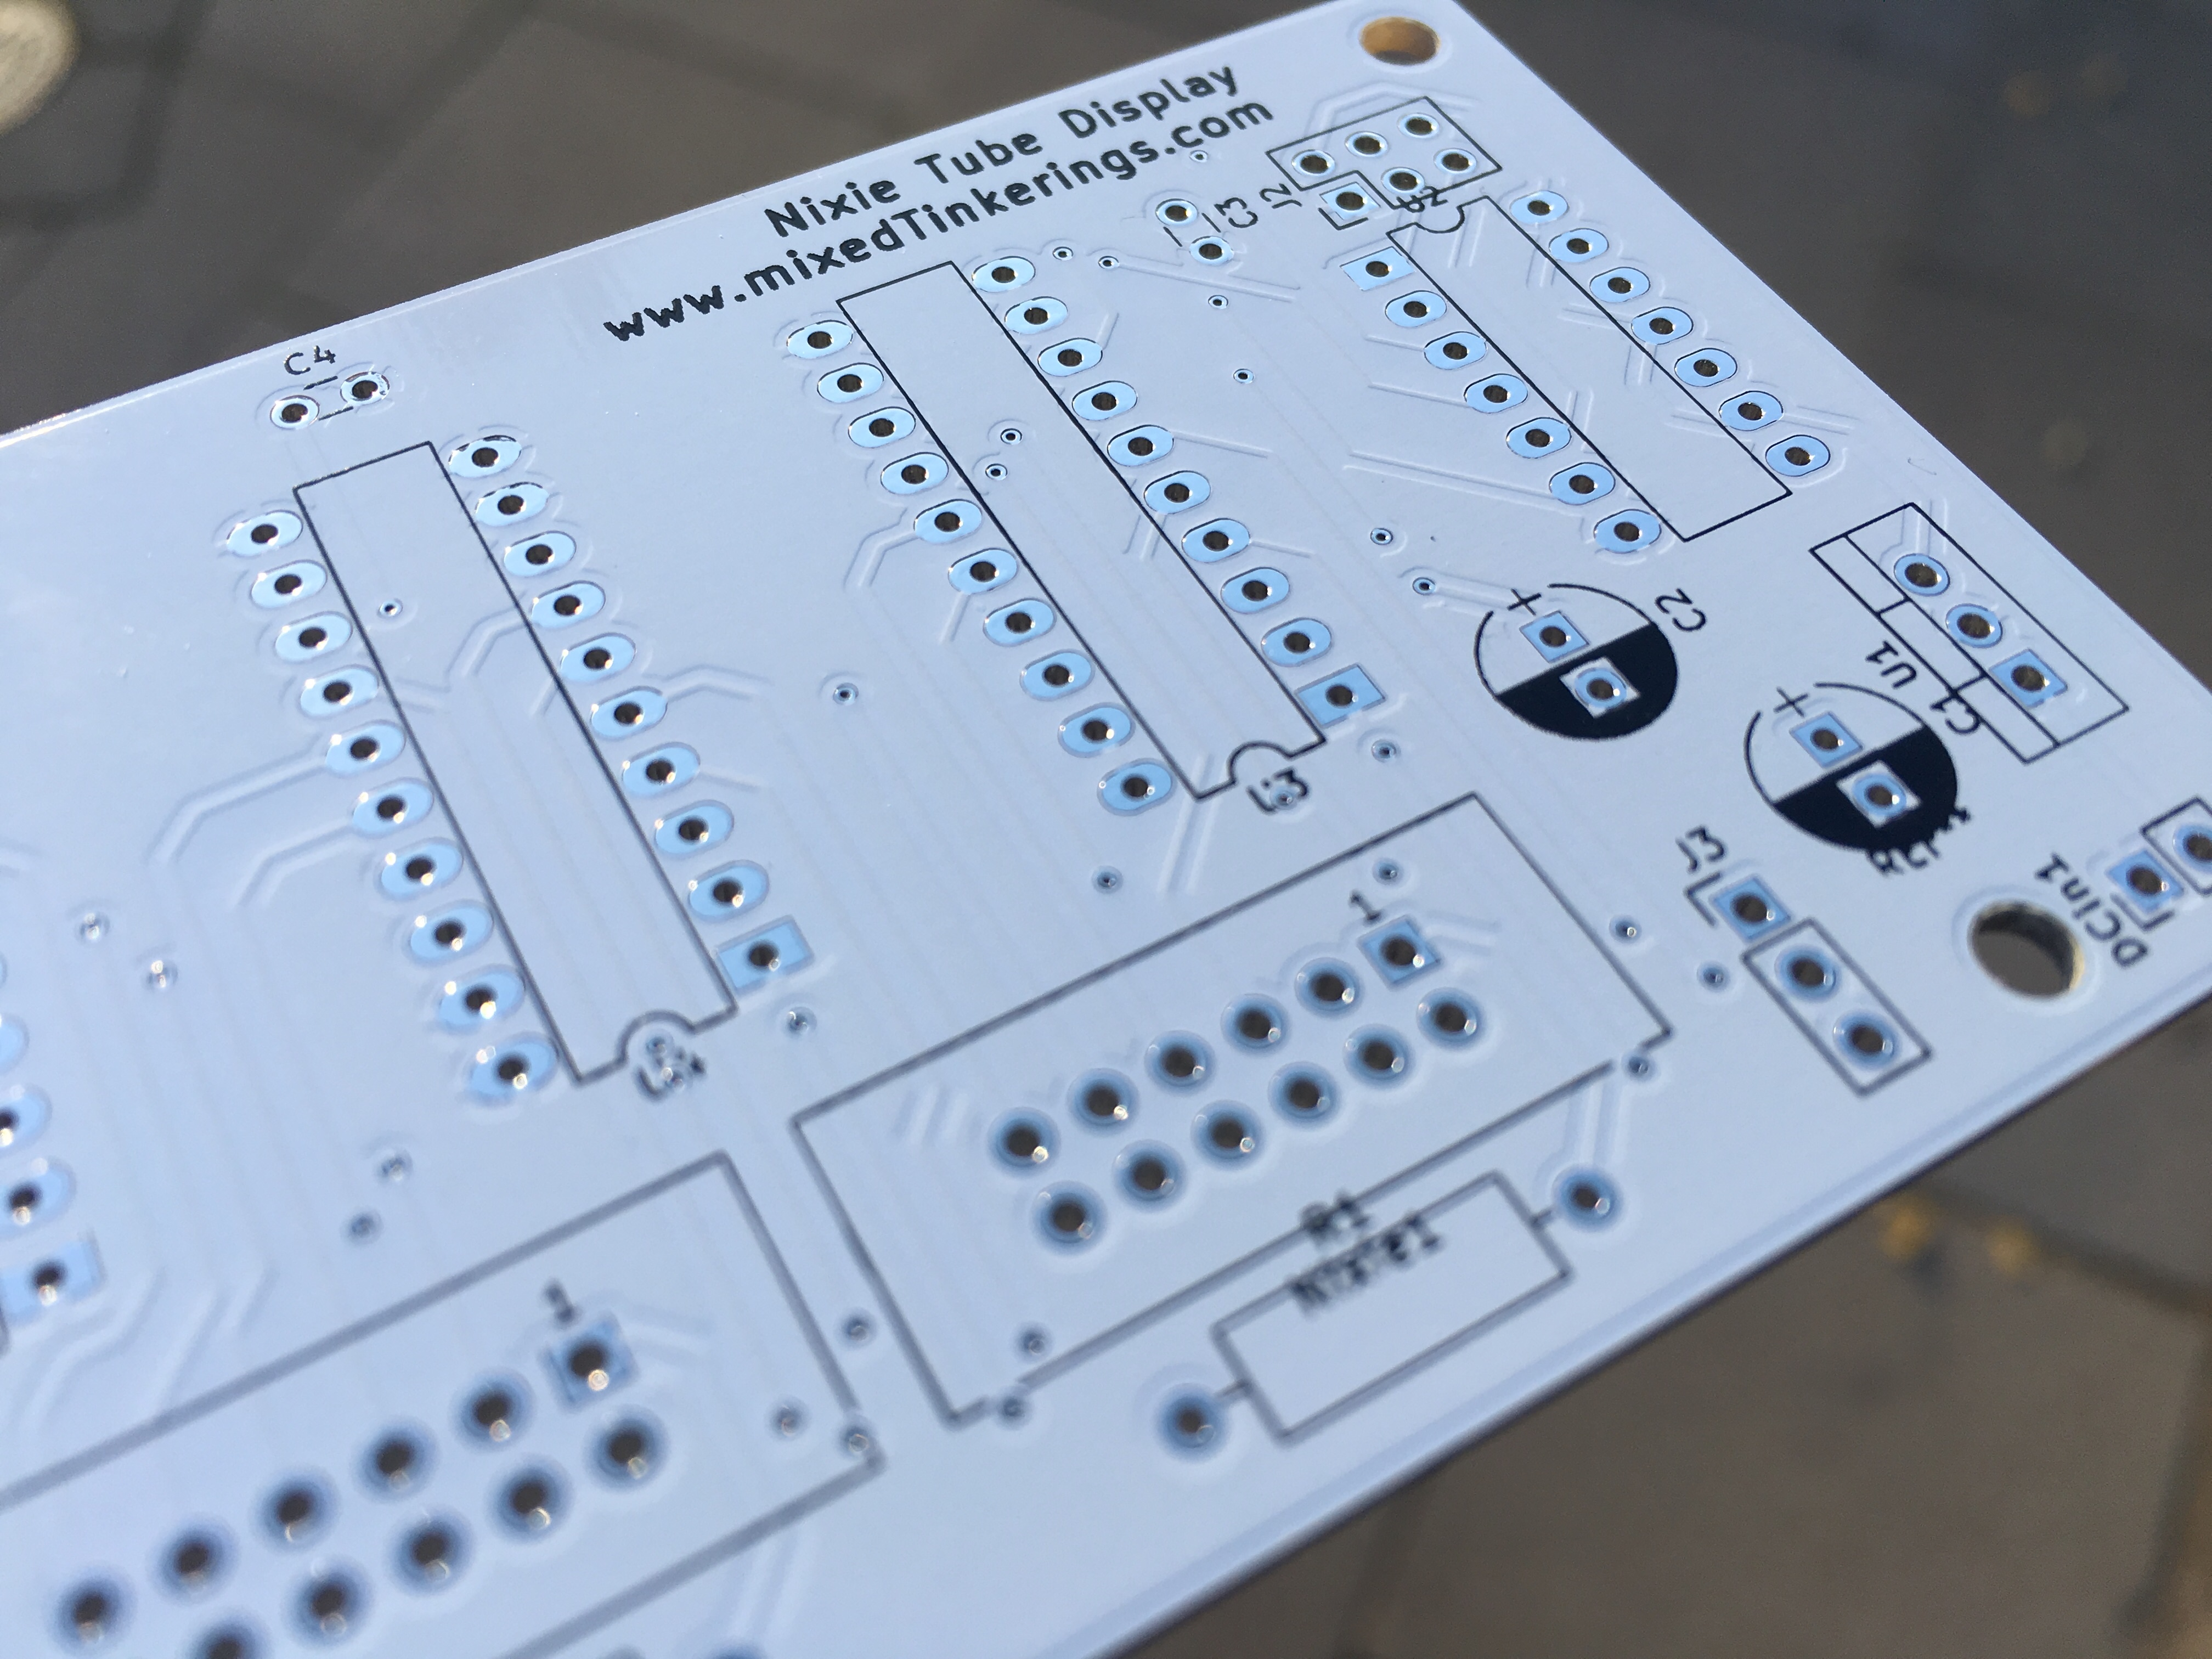 PCB detail view